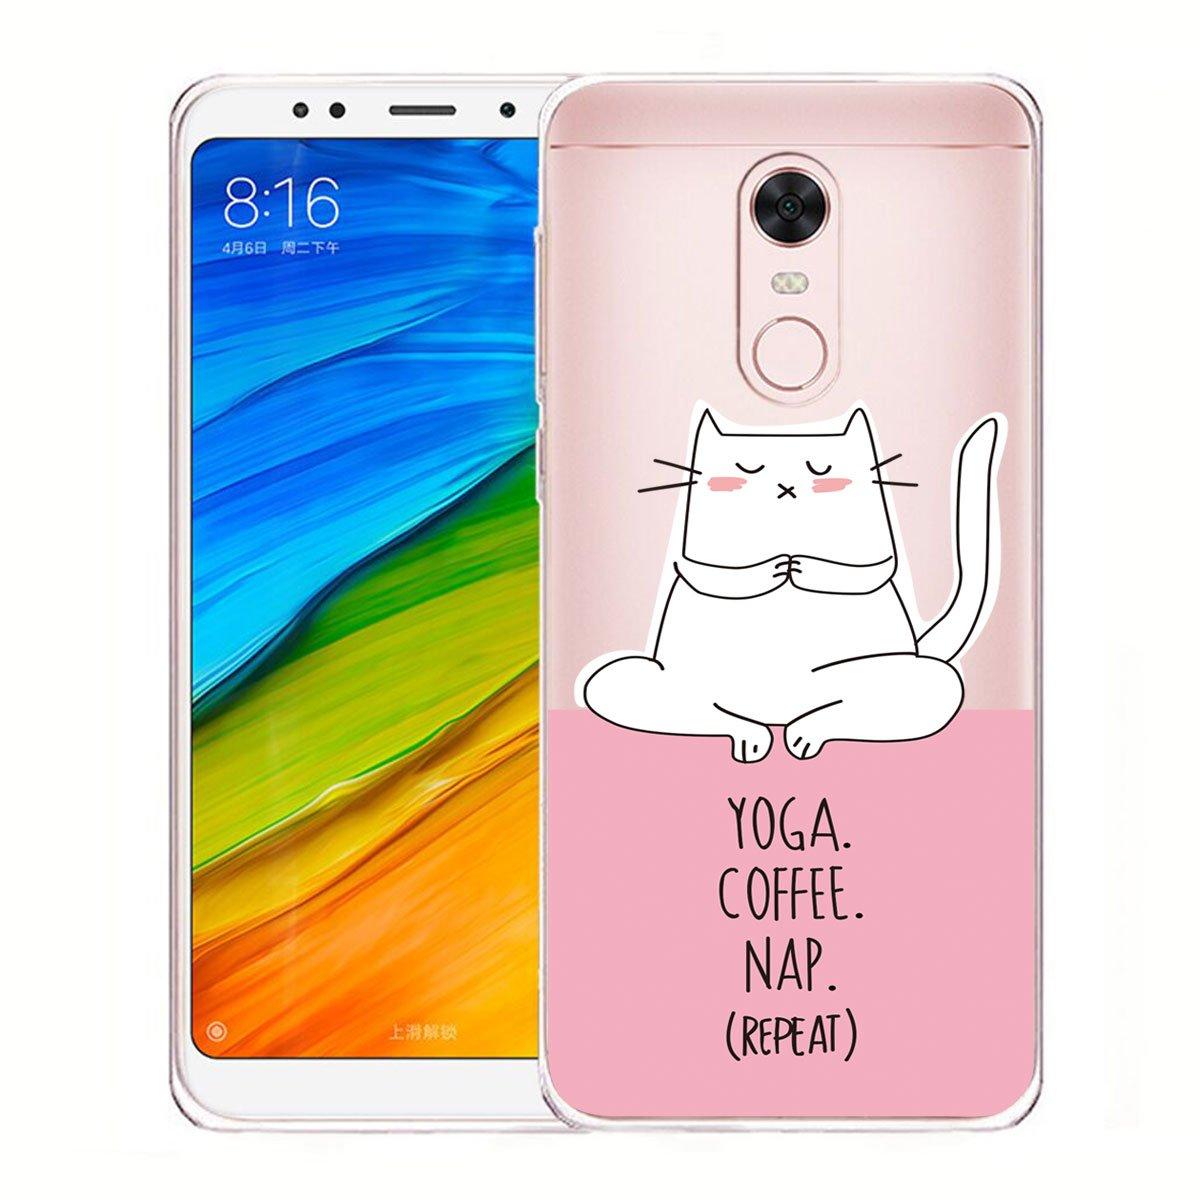 5.99 IJIA Transparente Nette Katze TPU Weich Silikon Sto/ßkasten Cover Handyh/ülle Schutzh/ülle Handyh/üllen Schale Case Tasche f/ür Xiaomi Redmi 5 Plus WM104 H/ülle f/ür Xiaomi Redmi 5 Plus